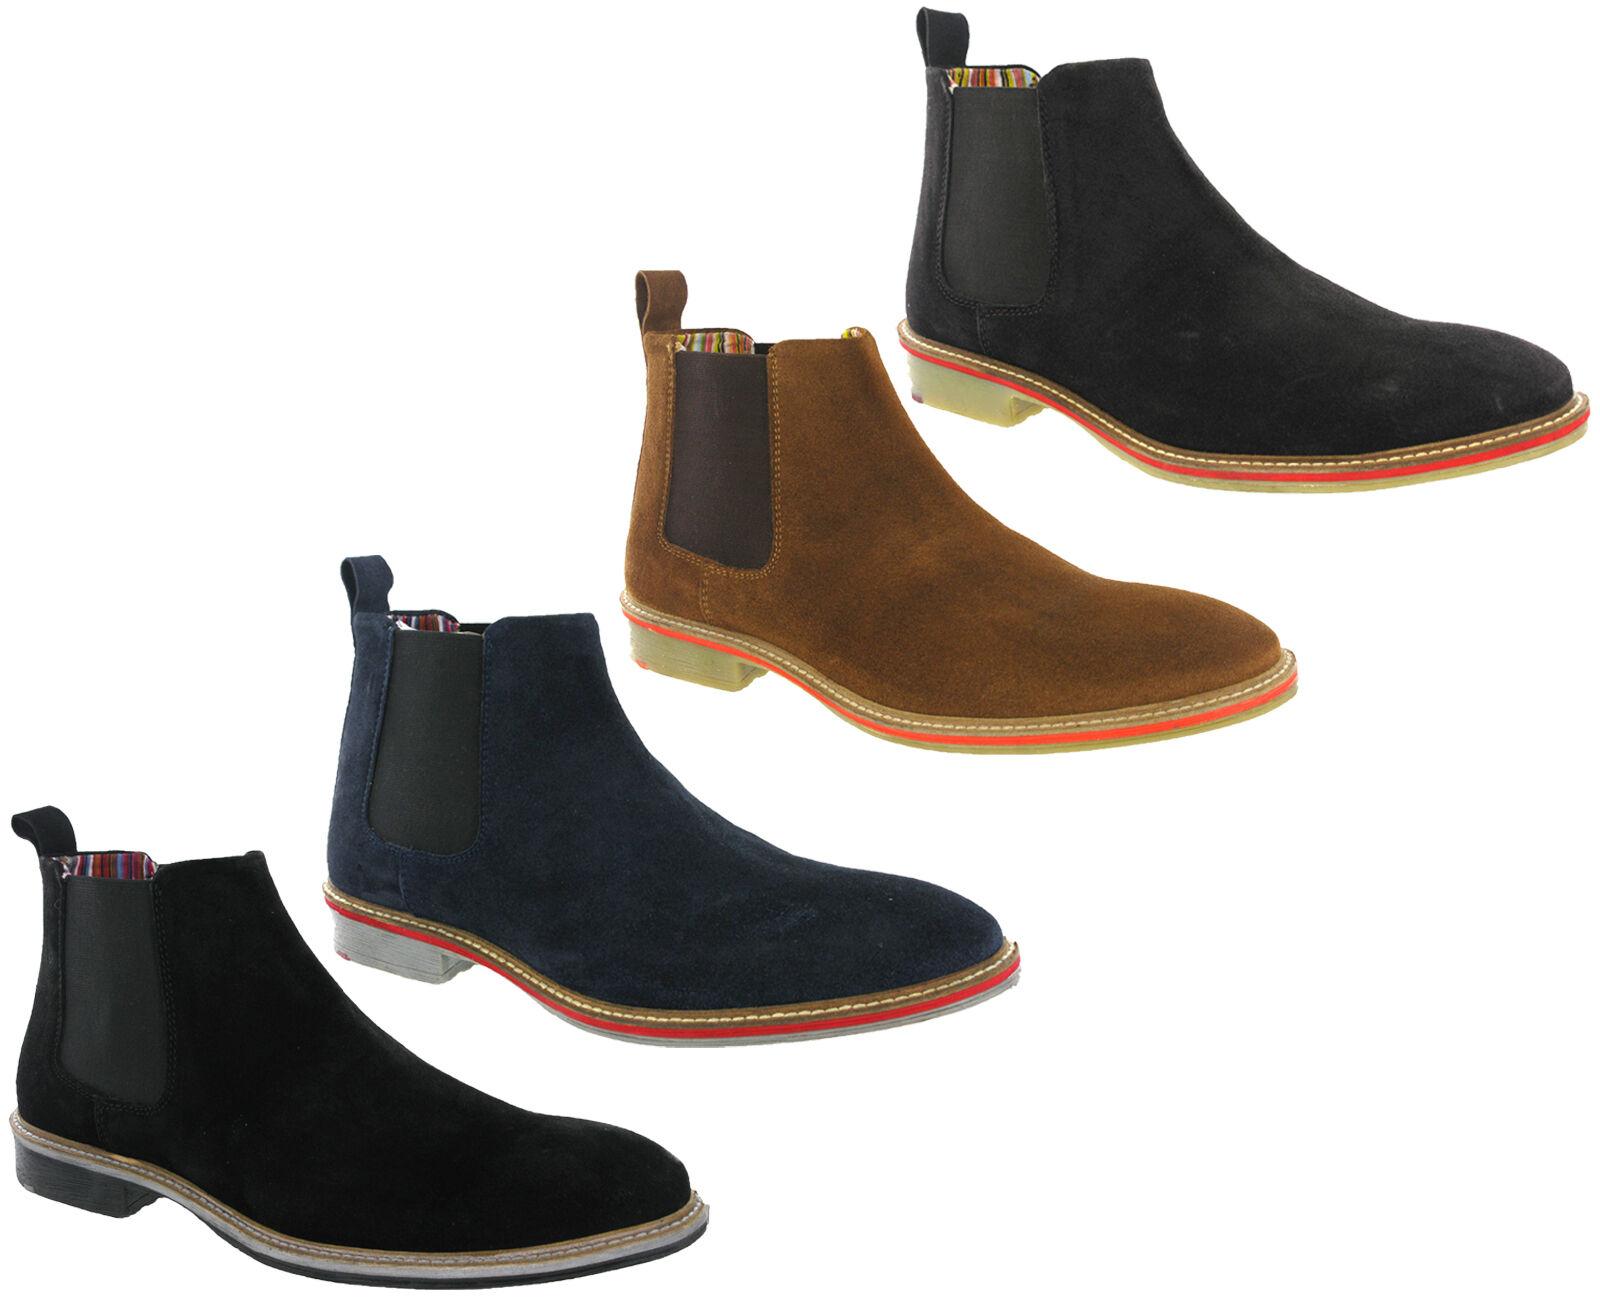 Chaussures UK 6-12 Désert pour Homme en Daim Cuir Cheville À Enfiler Chelsea Dealer Bottes